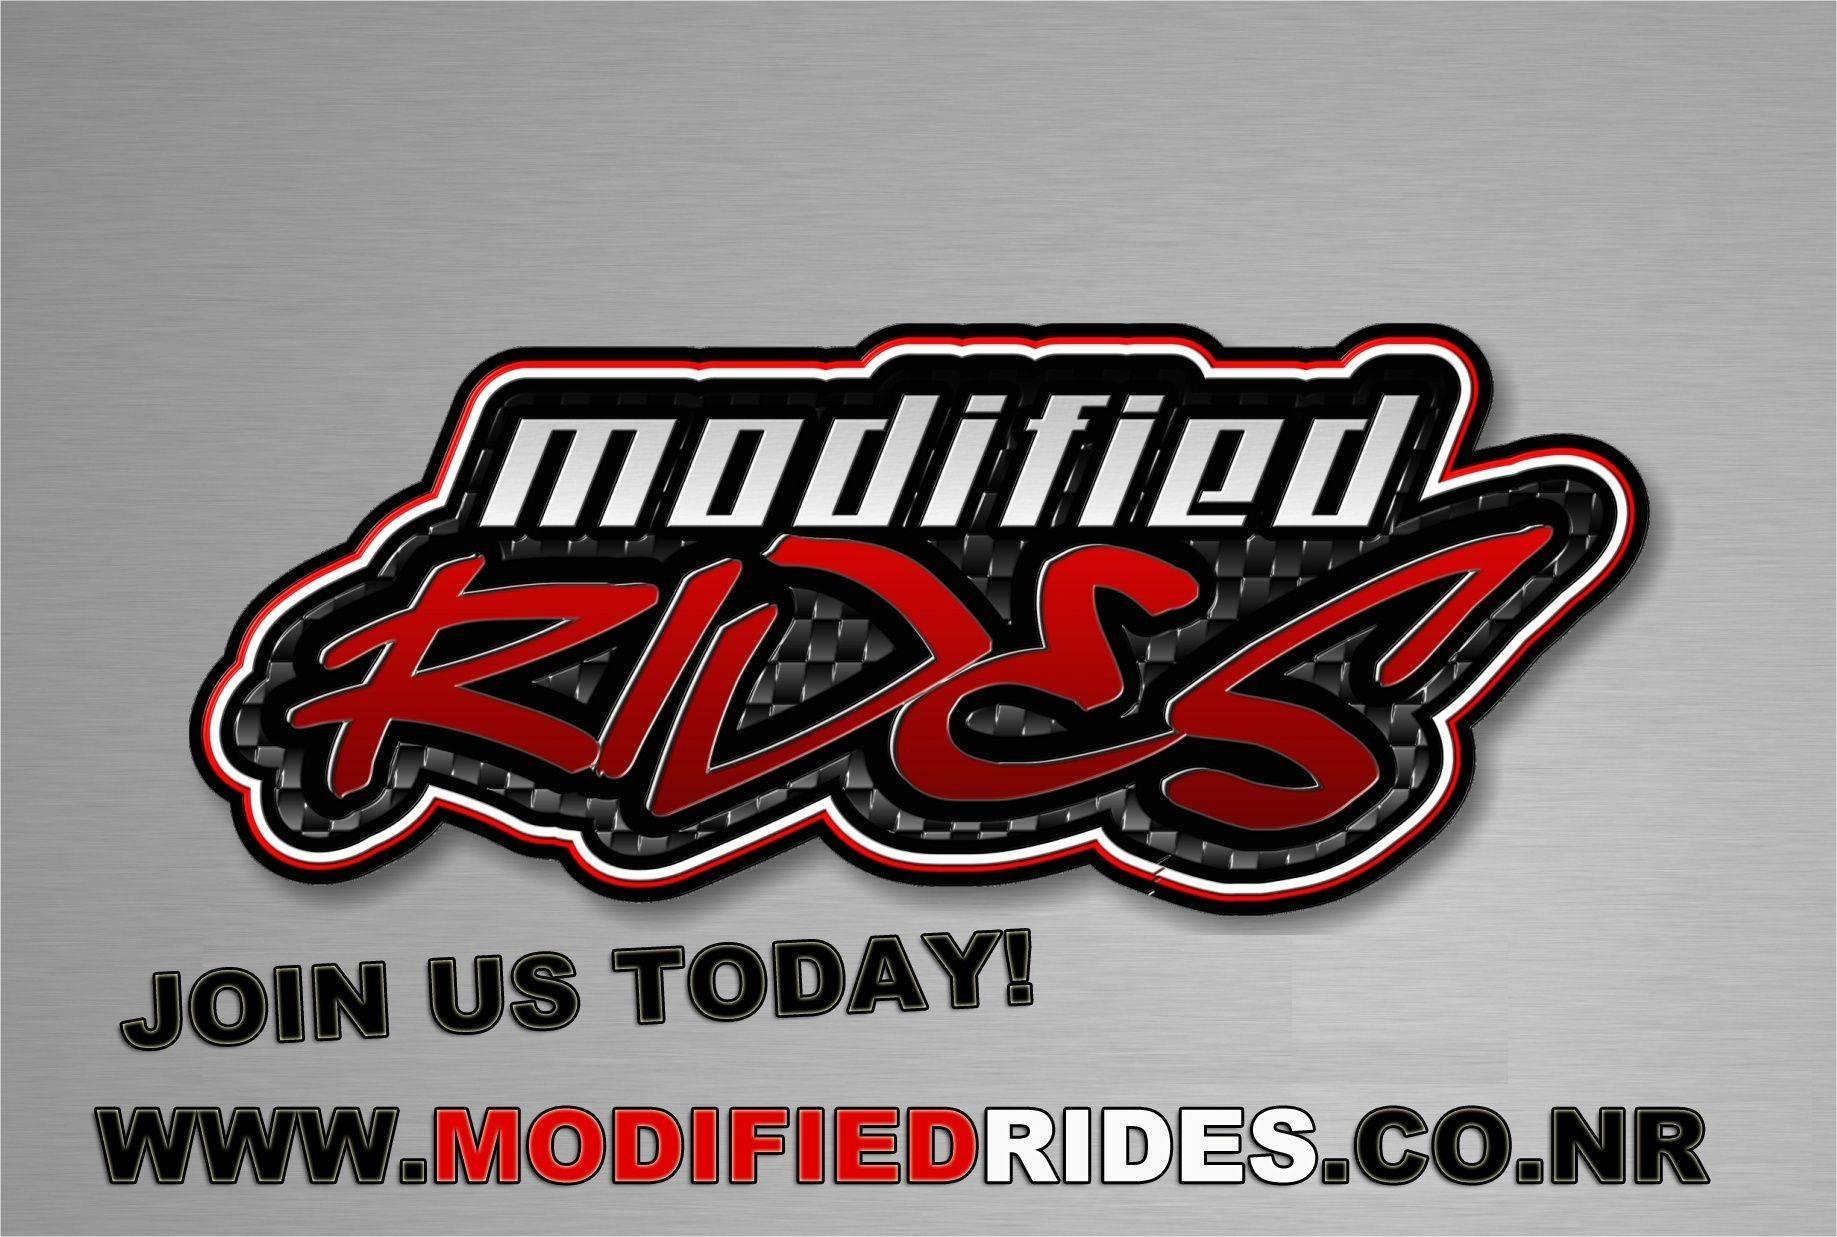 Modified Rides | Online Modified Car Community Modifi12